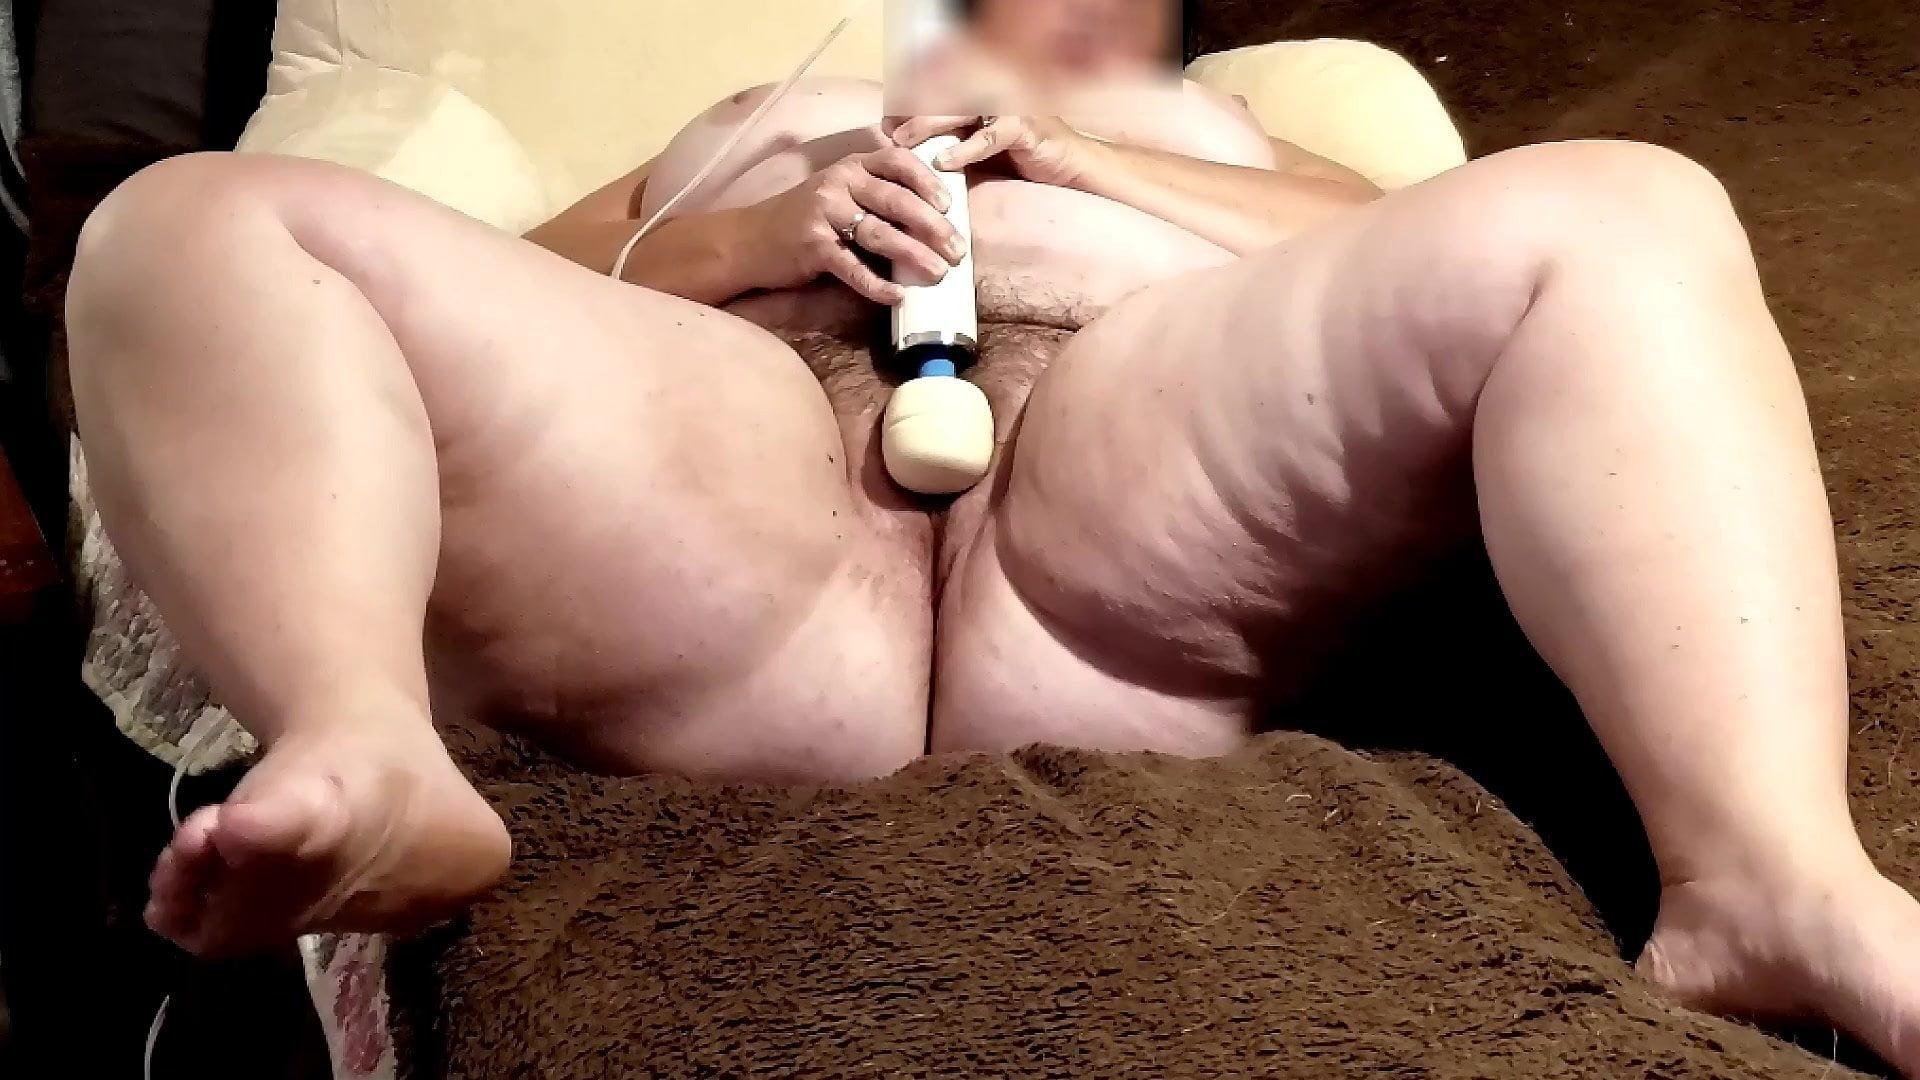 Hot Naked Pics Alura jenson sara jay